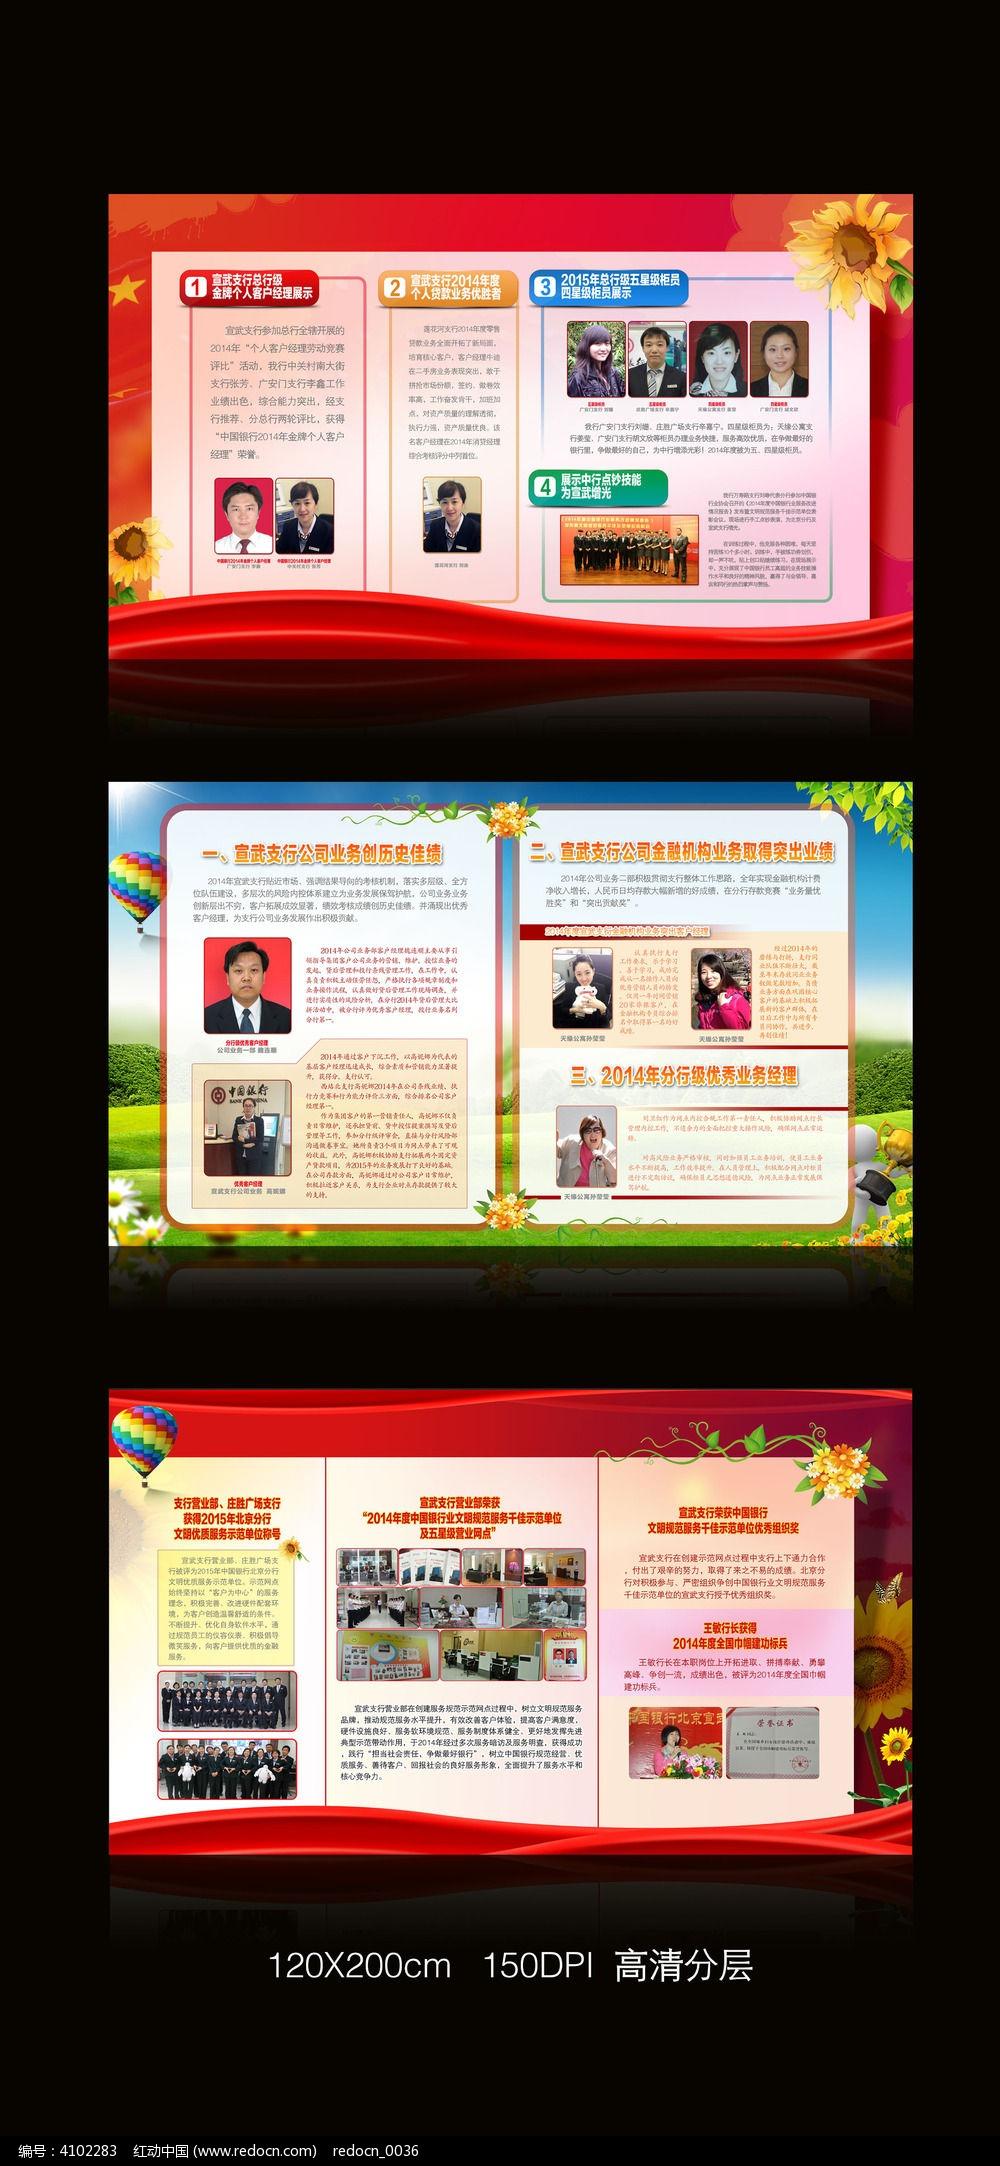 银行展板图片_银行宣传栏设计_红动网